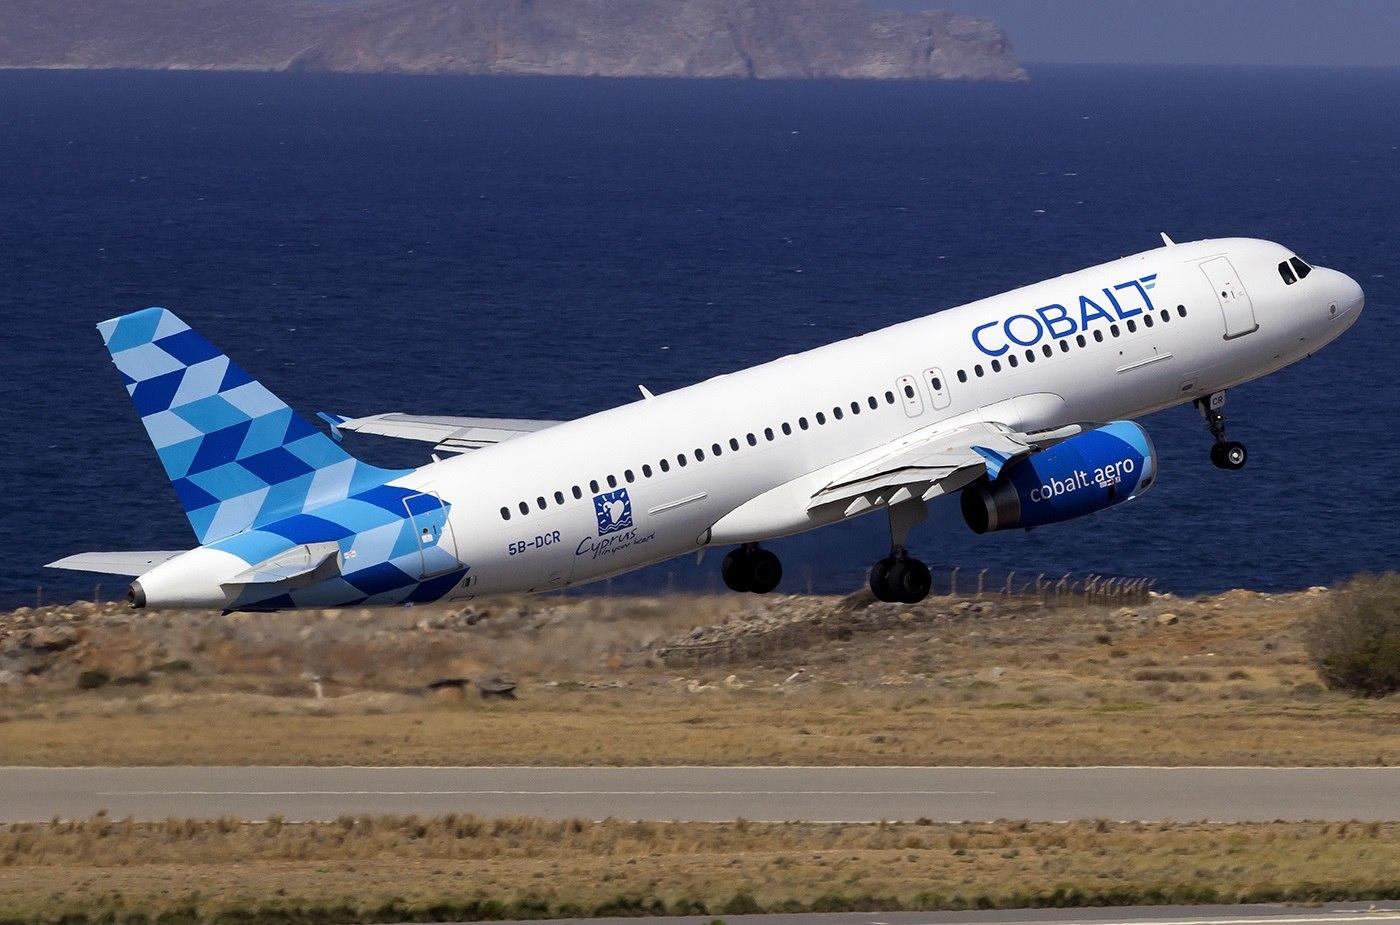 Взлет Аэробуса Cobalt Air